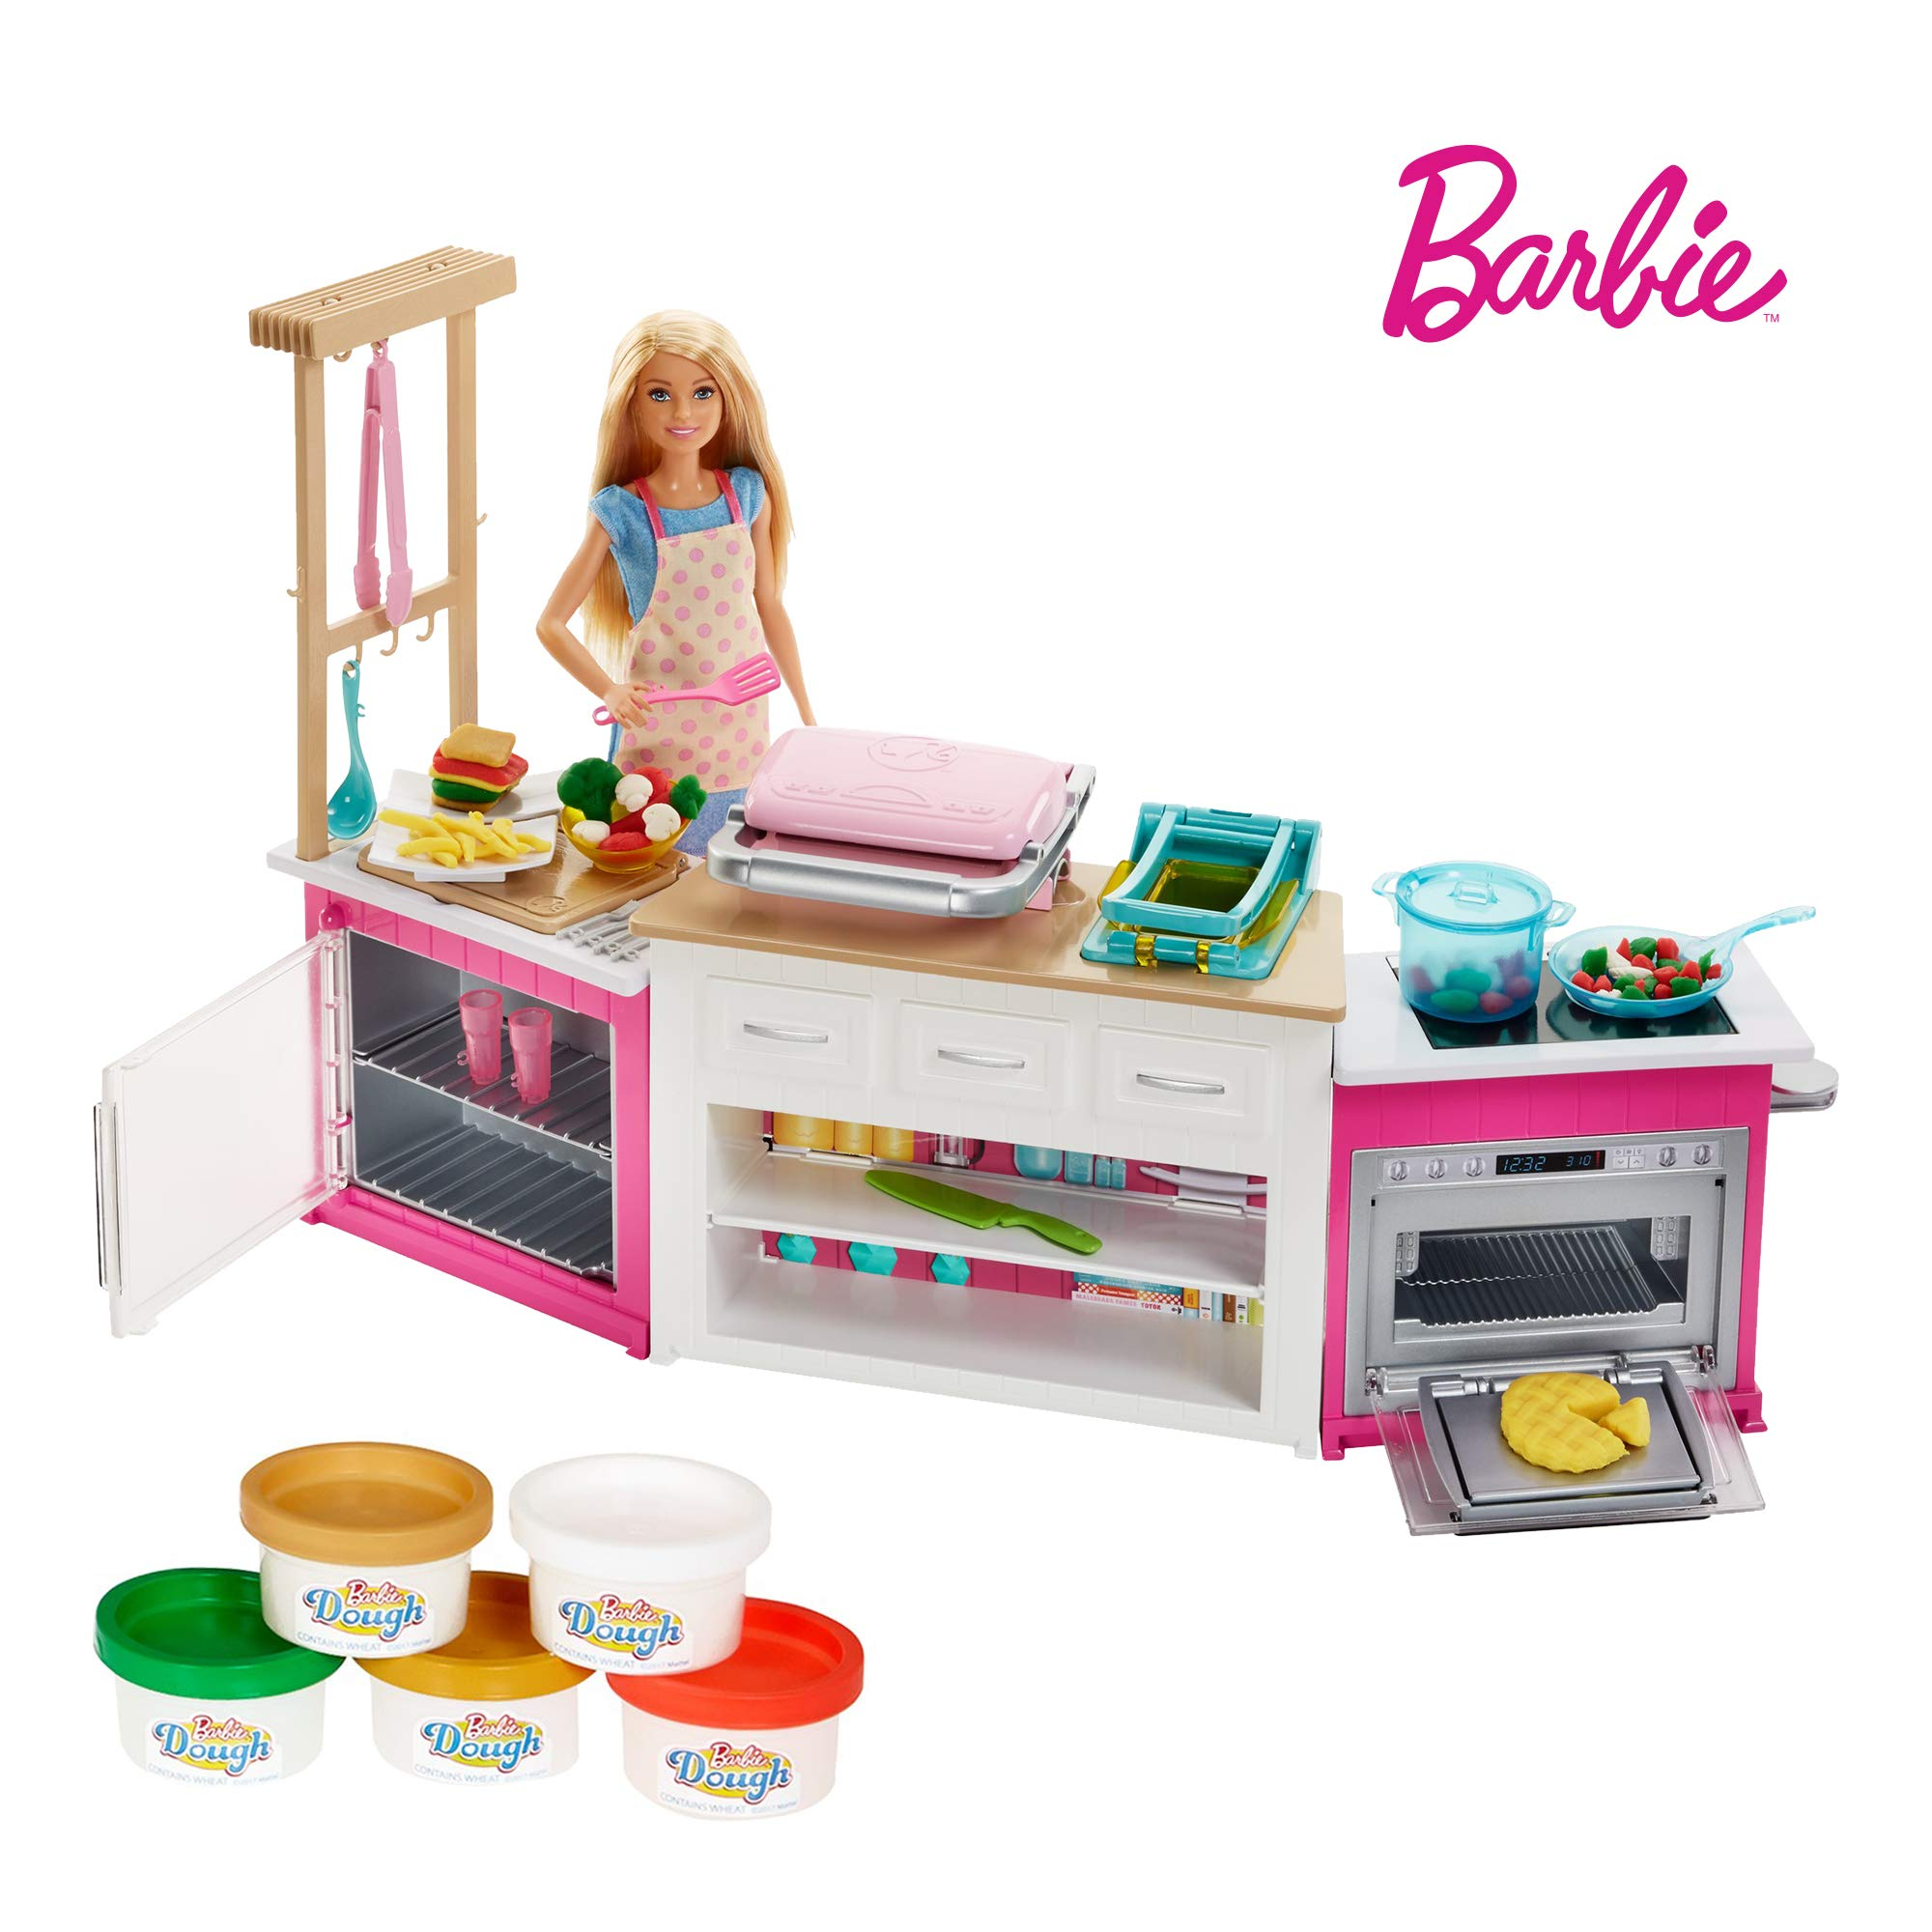 Barbie Métiers Coffret poupée cheffe avec kit cuisine Comprenant Four, Accessoires pour Repas et cinq Pots de pâte à Modeler, Jouet pour Enfant, FRH73 product image